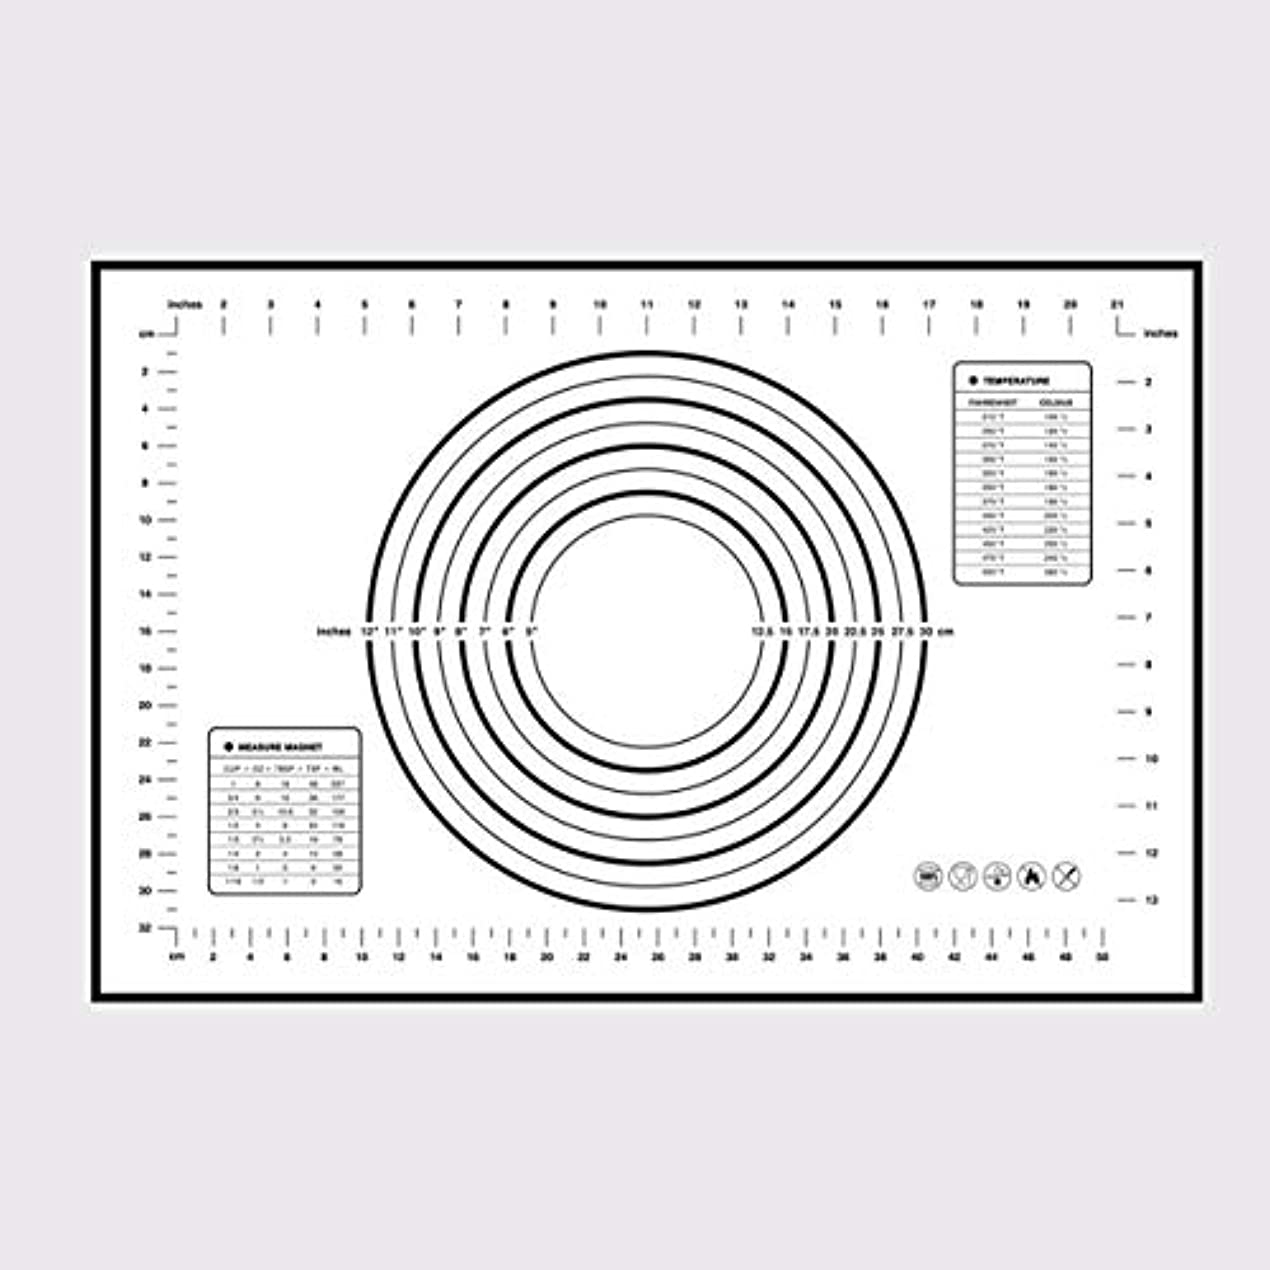 教え設計とSaikogoods シリコンベーキングマットピザ生地メーカーペストリーキッチンガジェットクッキングツール食器耐熱皿混練アクセサリー